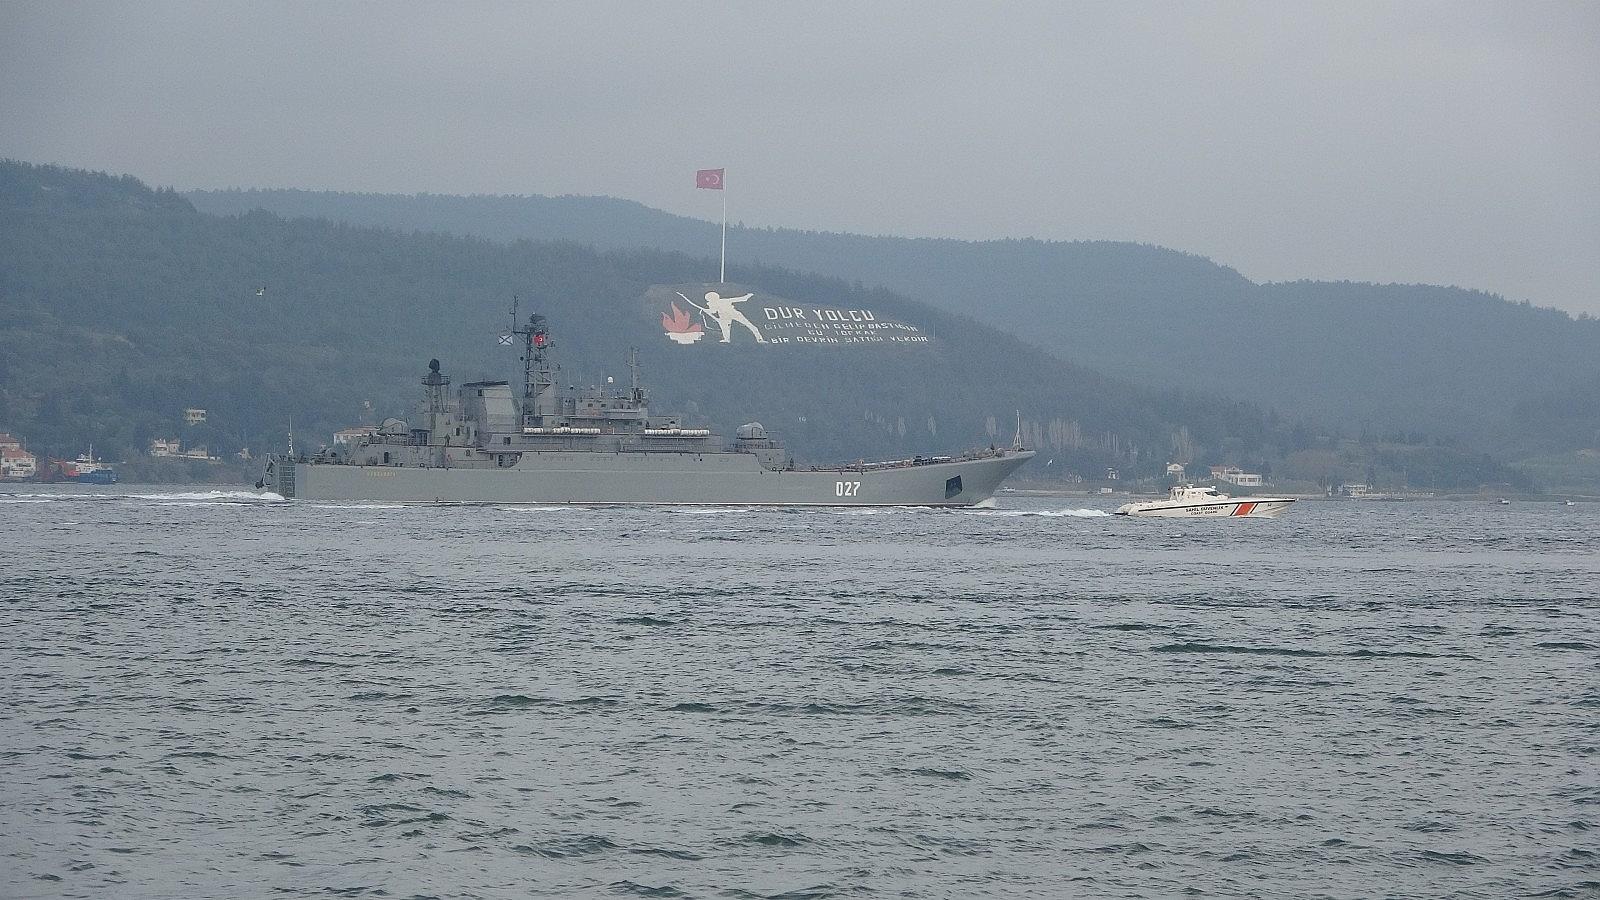 2021/04/rusya-gemilerini-karadenize-cekiyor-iki-savas-gemisi-canakkaleden-gecti-20210416AW29-7.jpg